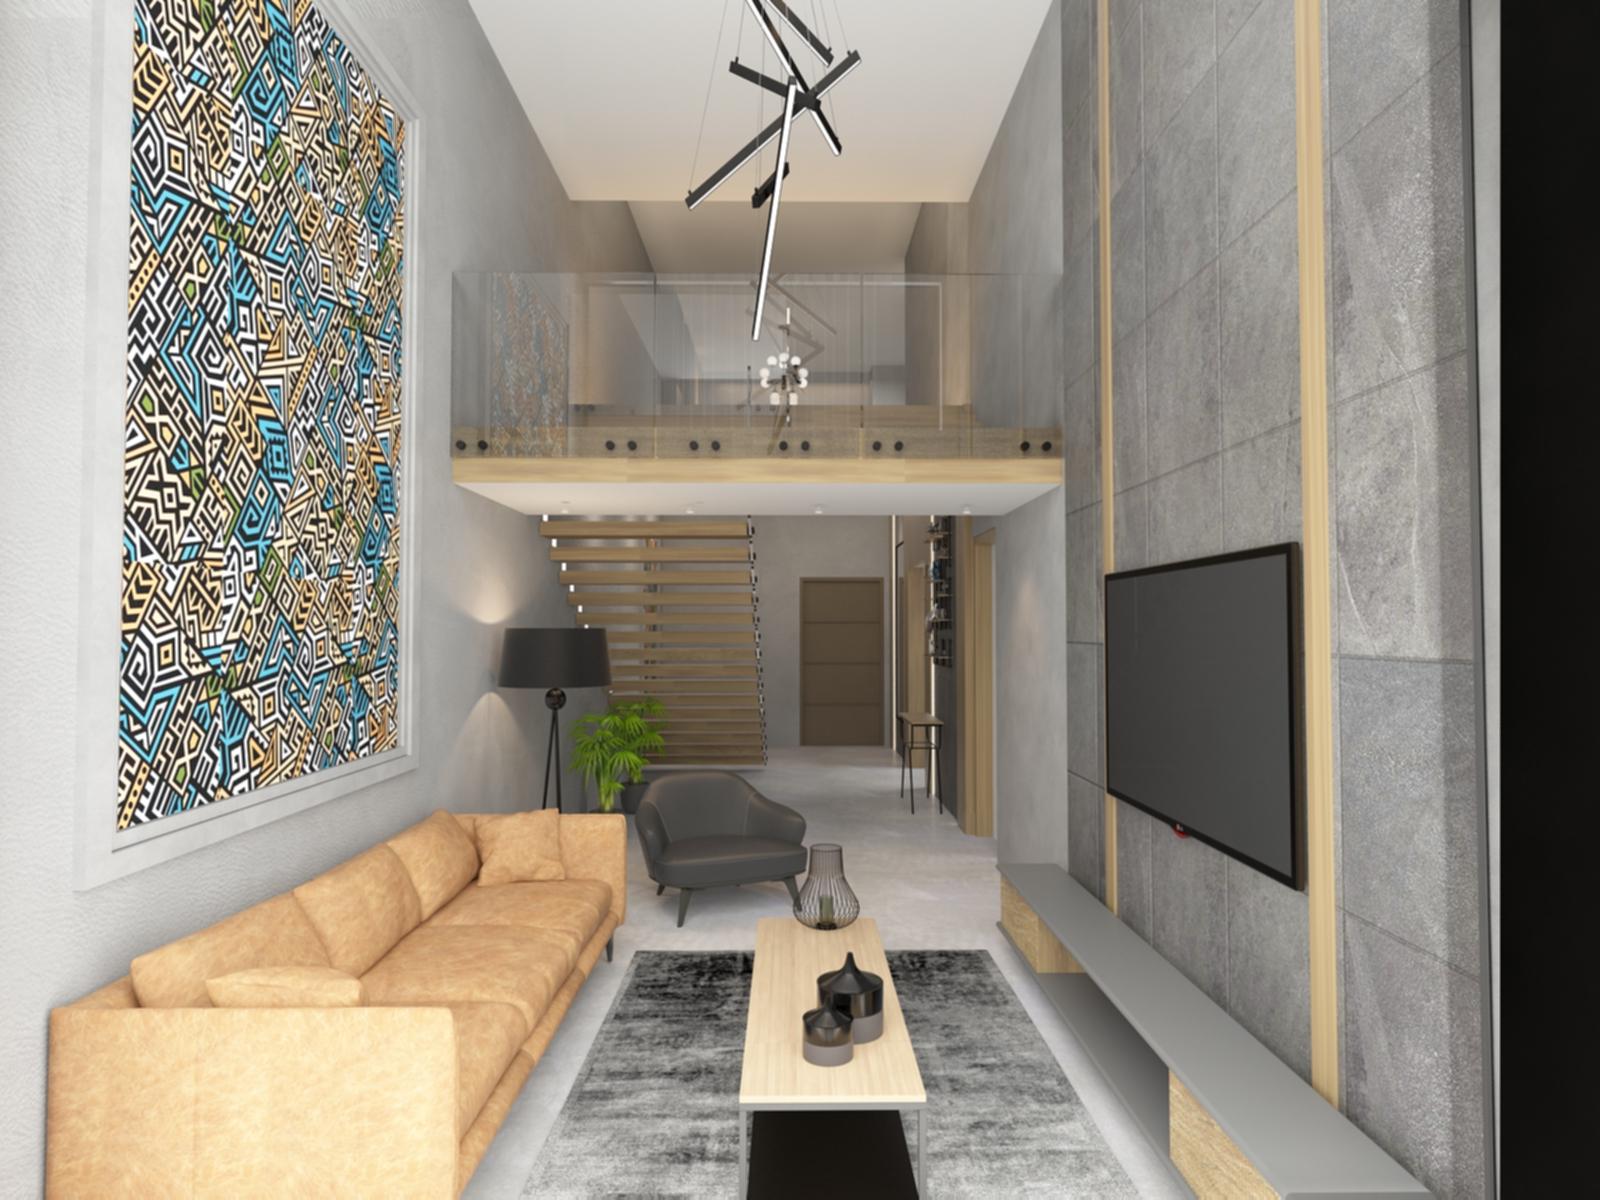 Lounge: Penthouse Apartment for Sale at Baraka Residence in Nyarutarama, Kigali